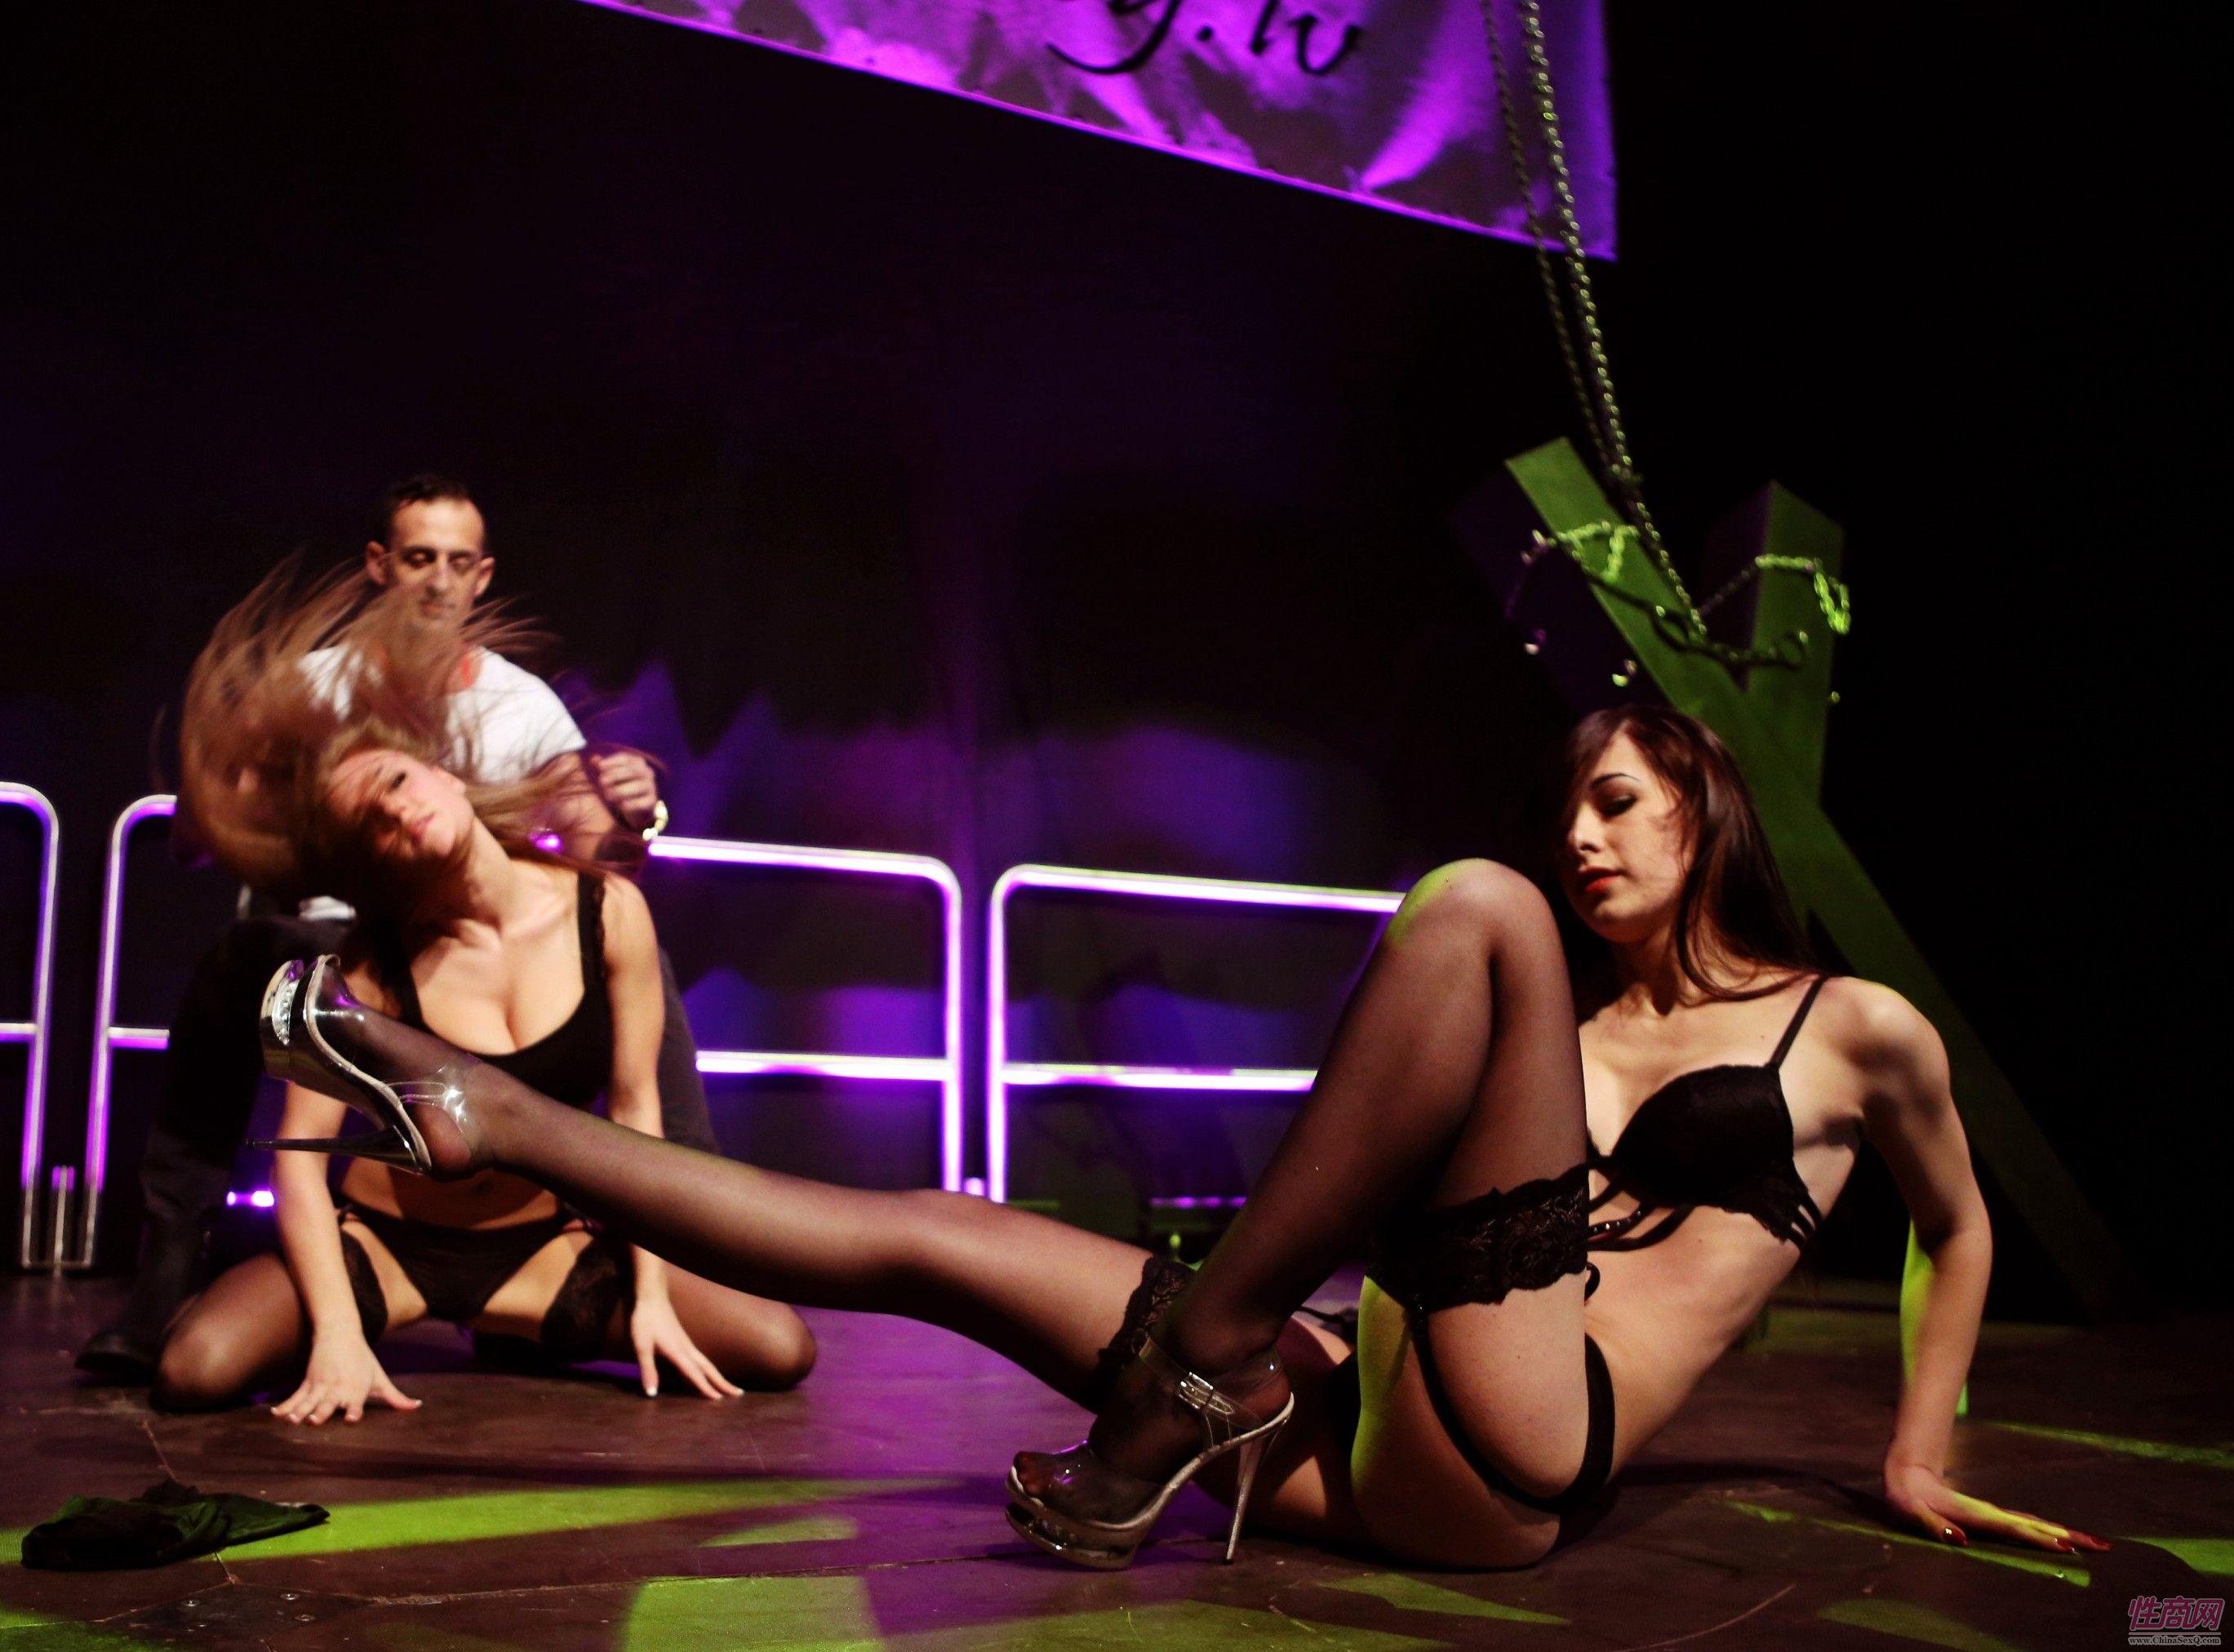 2015拉脱维亚成人展观众与美女暧昧互动图片2